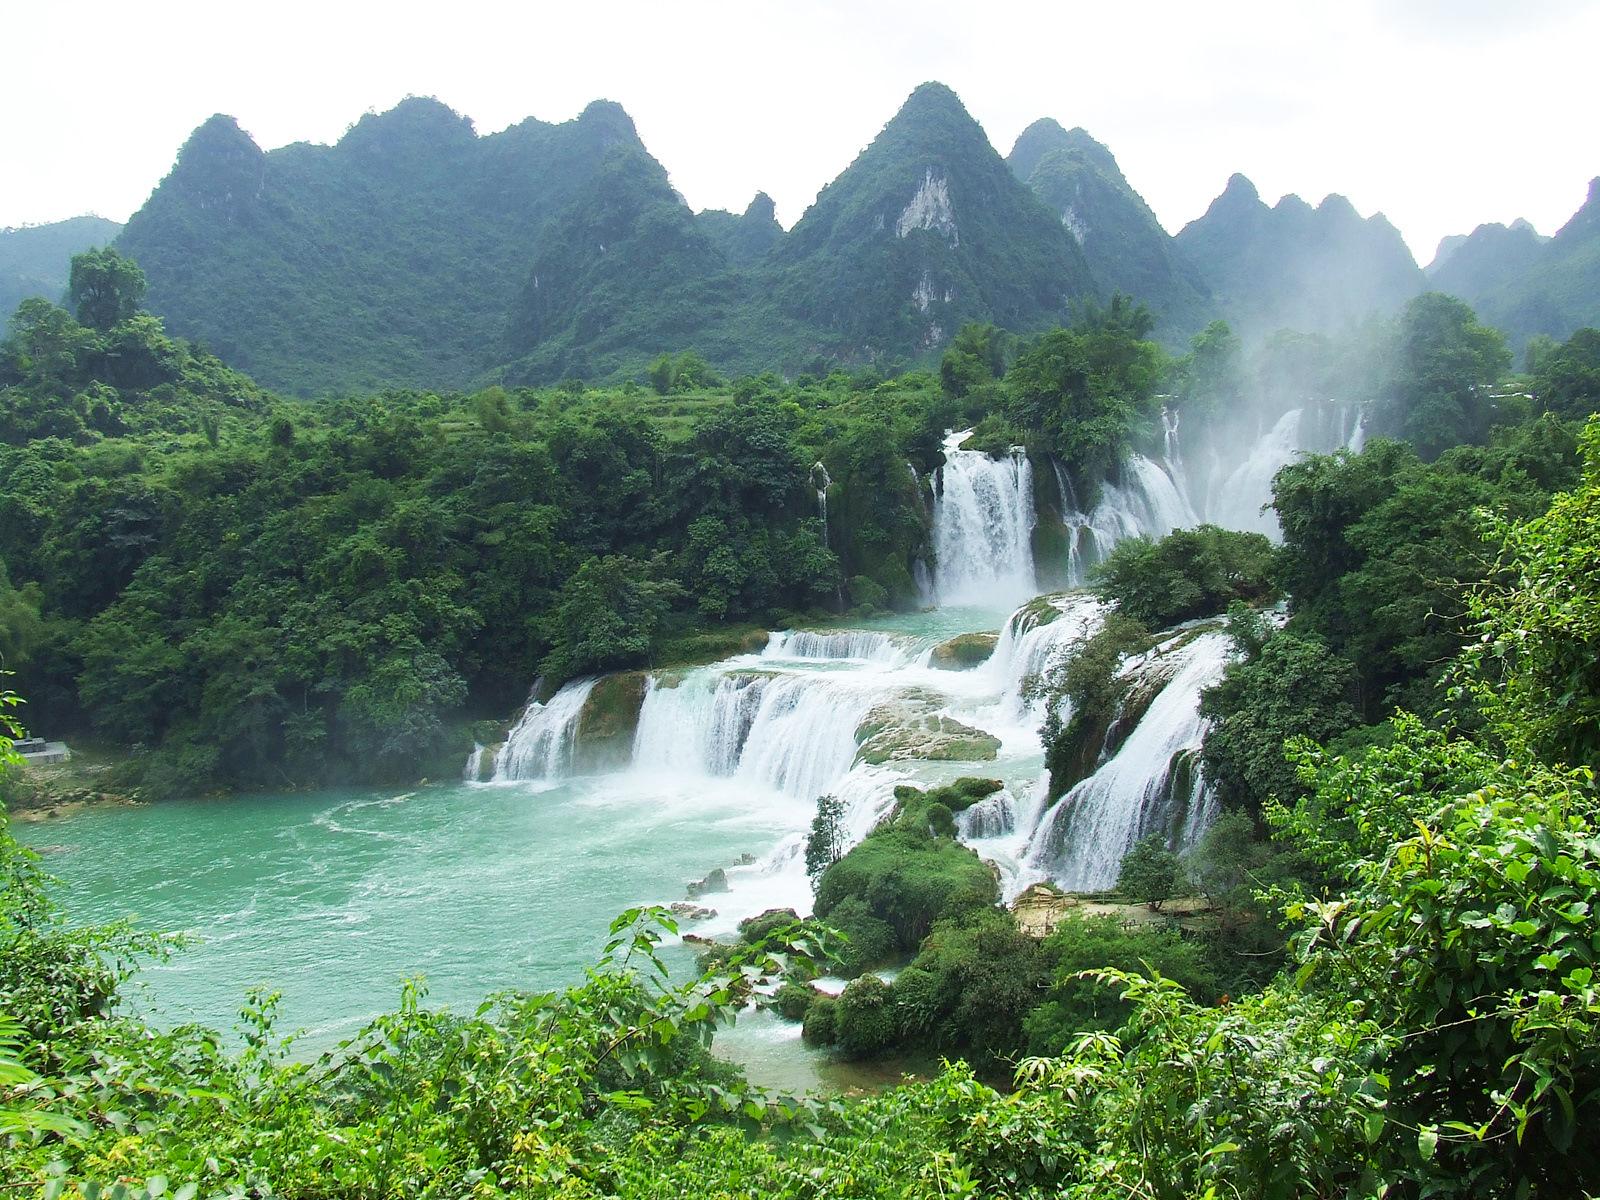 красивые фото водопадов вьетнама глазурь или